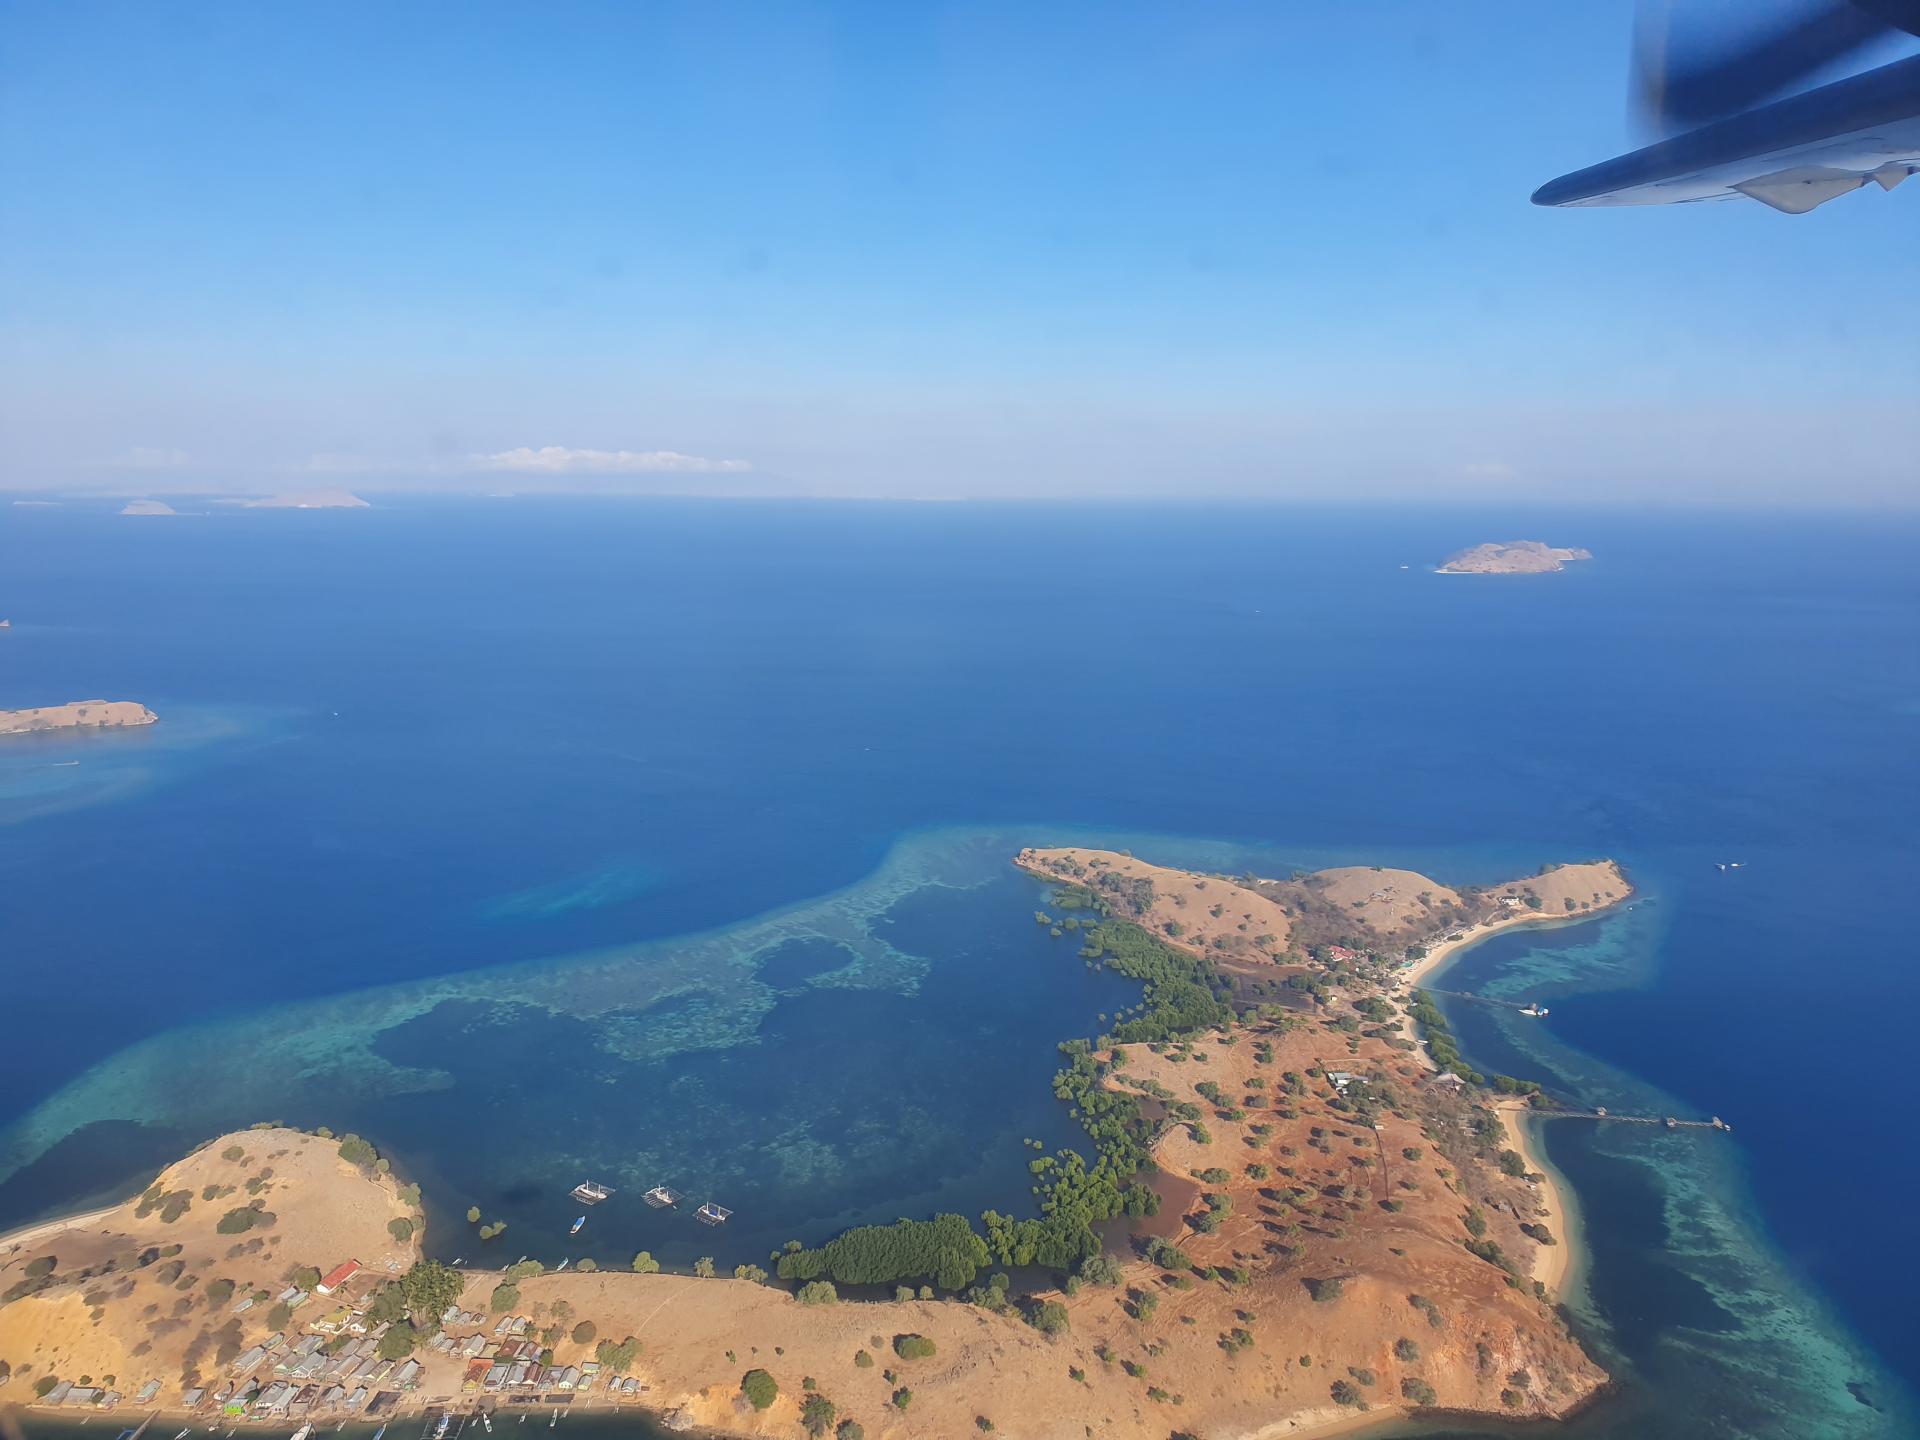 острова Индонезии с высоты птичьего полета